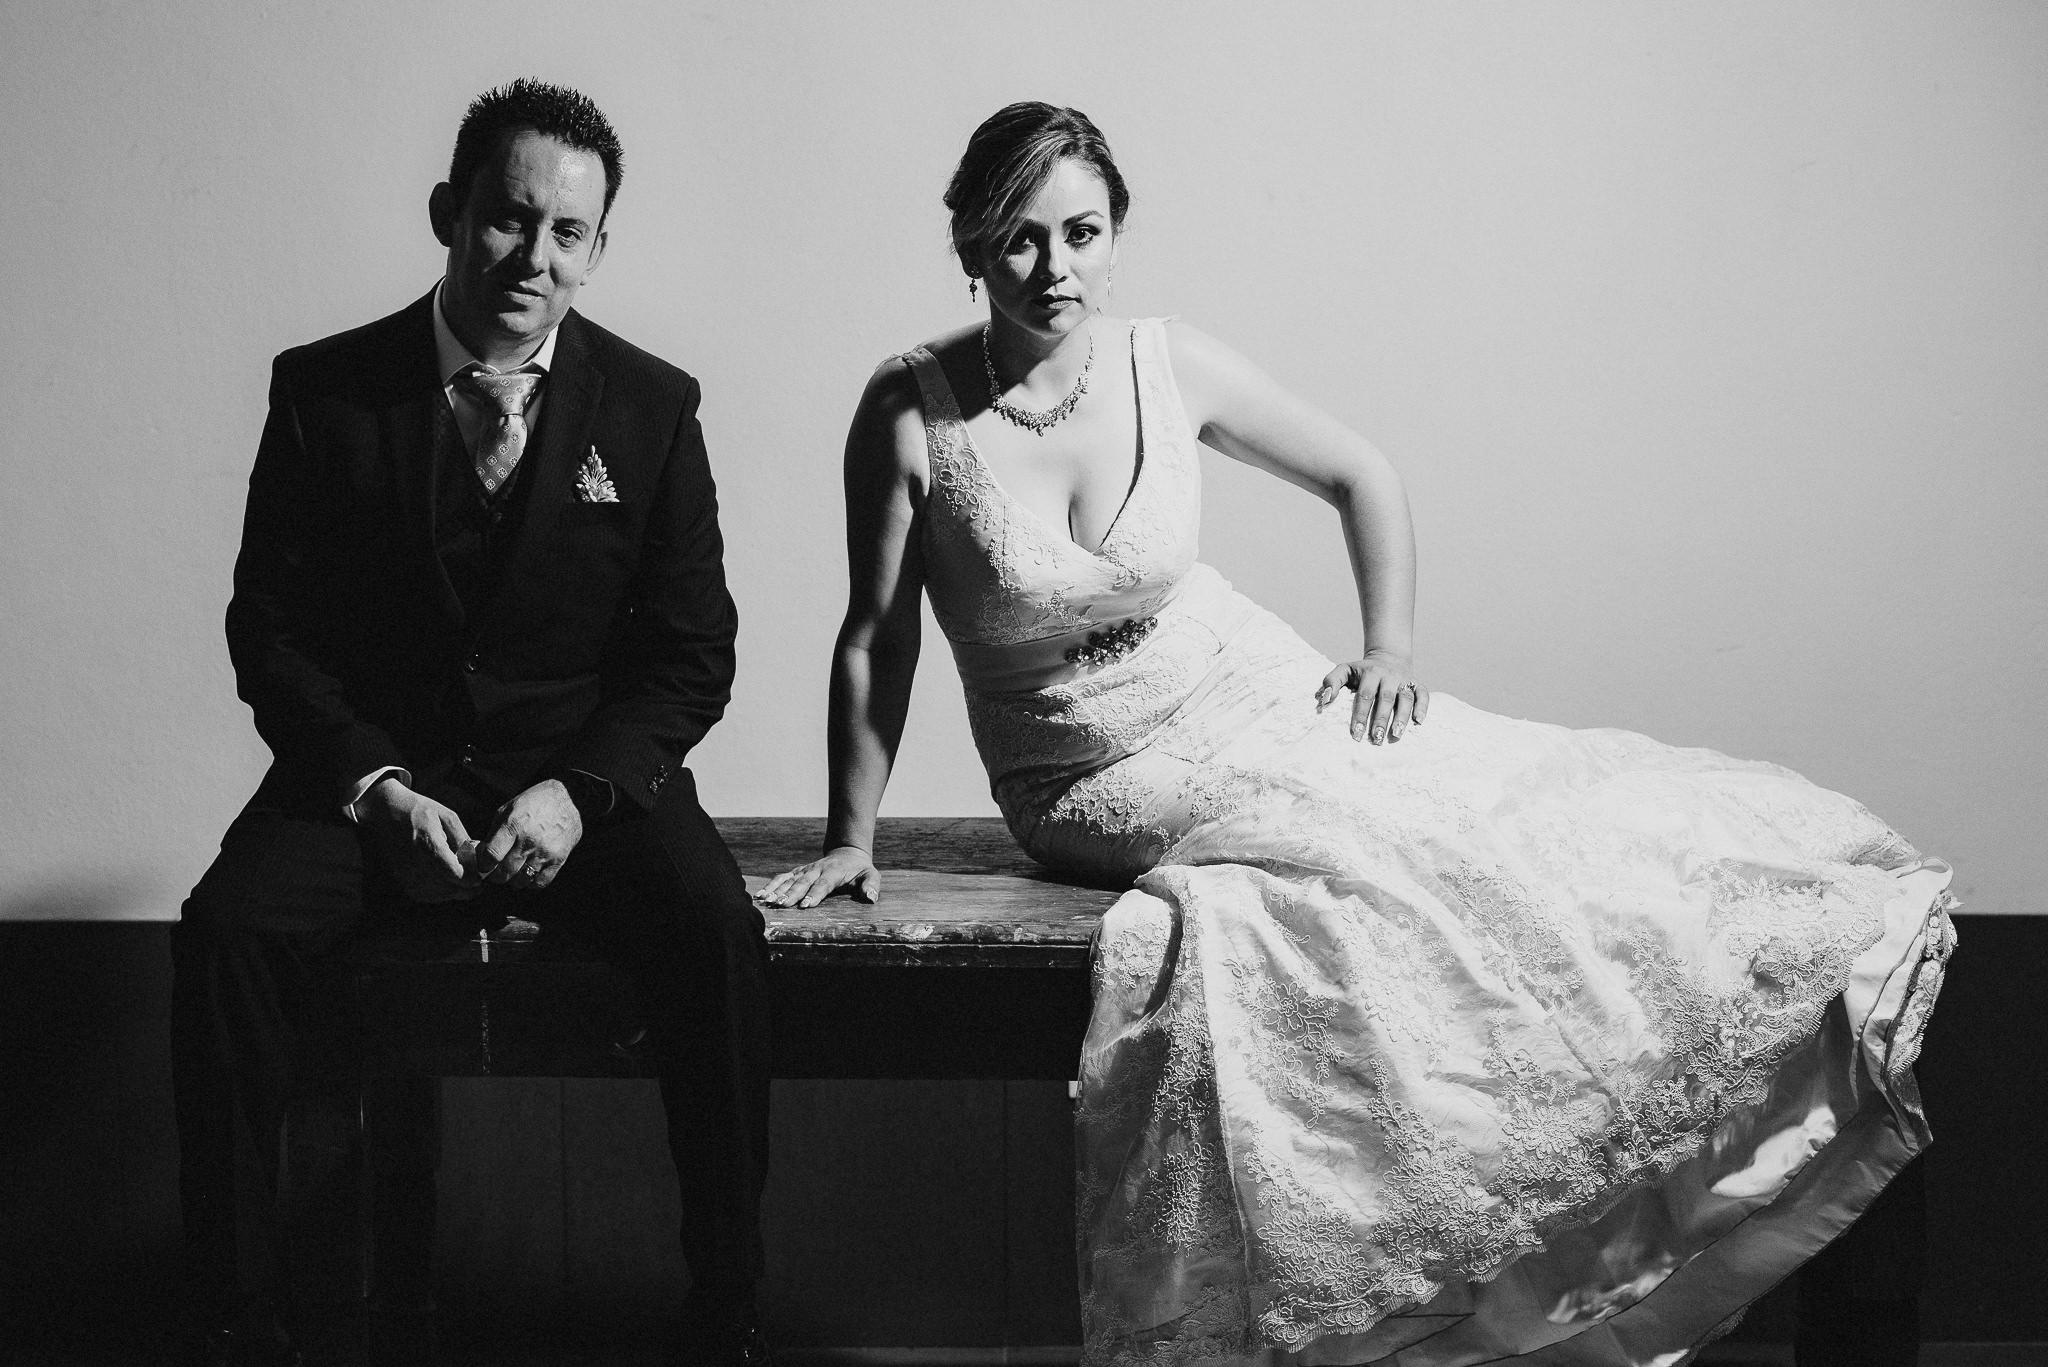 03boda-en-jardin-wedding-hacienda-los-cuartos-fotografo-luis-houdin85